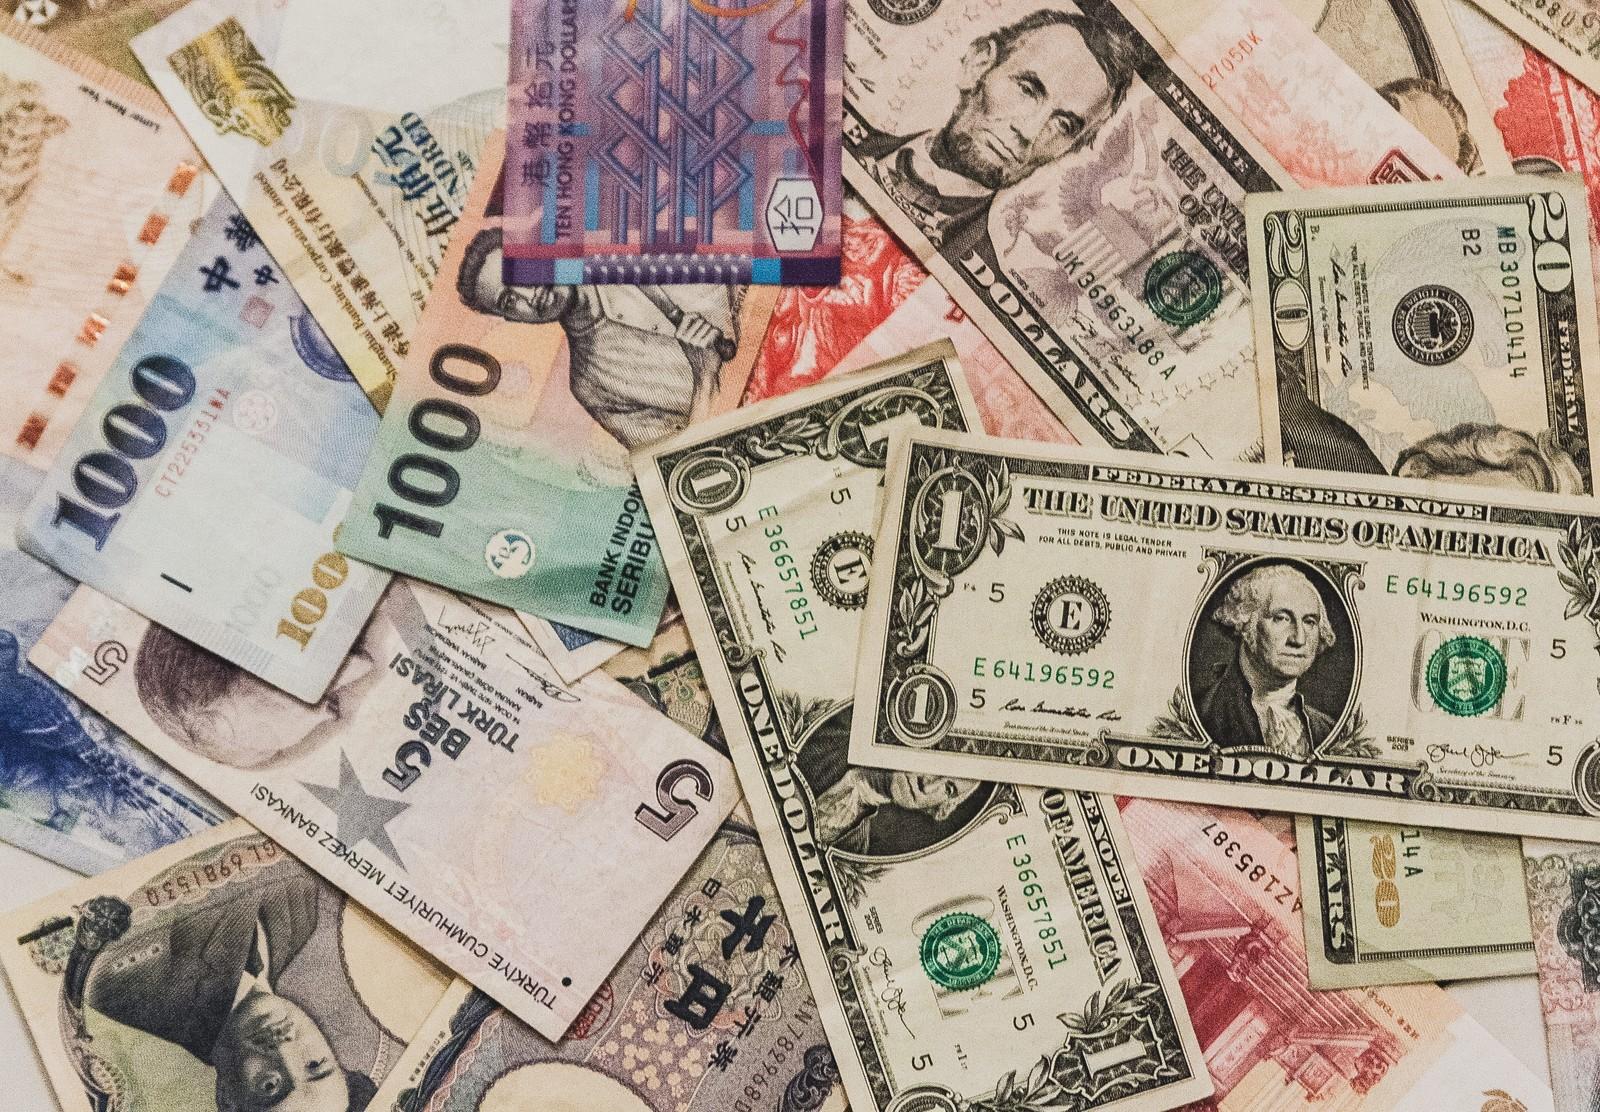 日本の銀行で、外貨預金に対するペイオフは行われるのか?